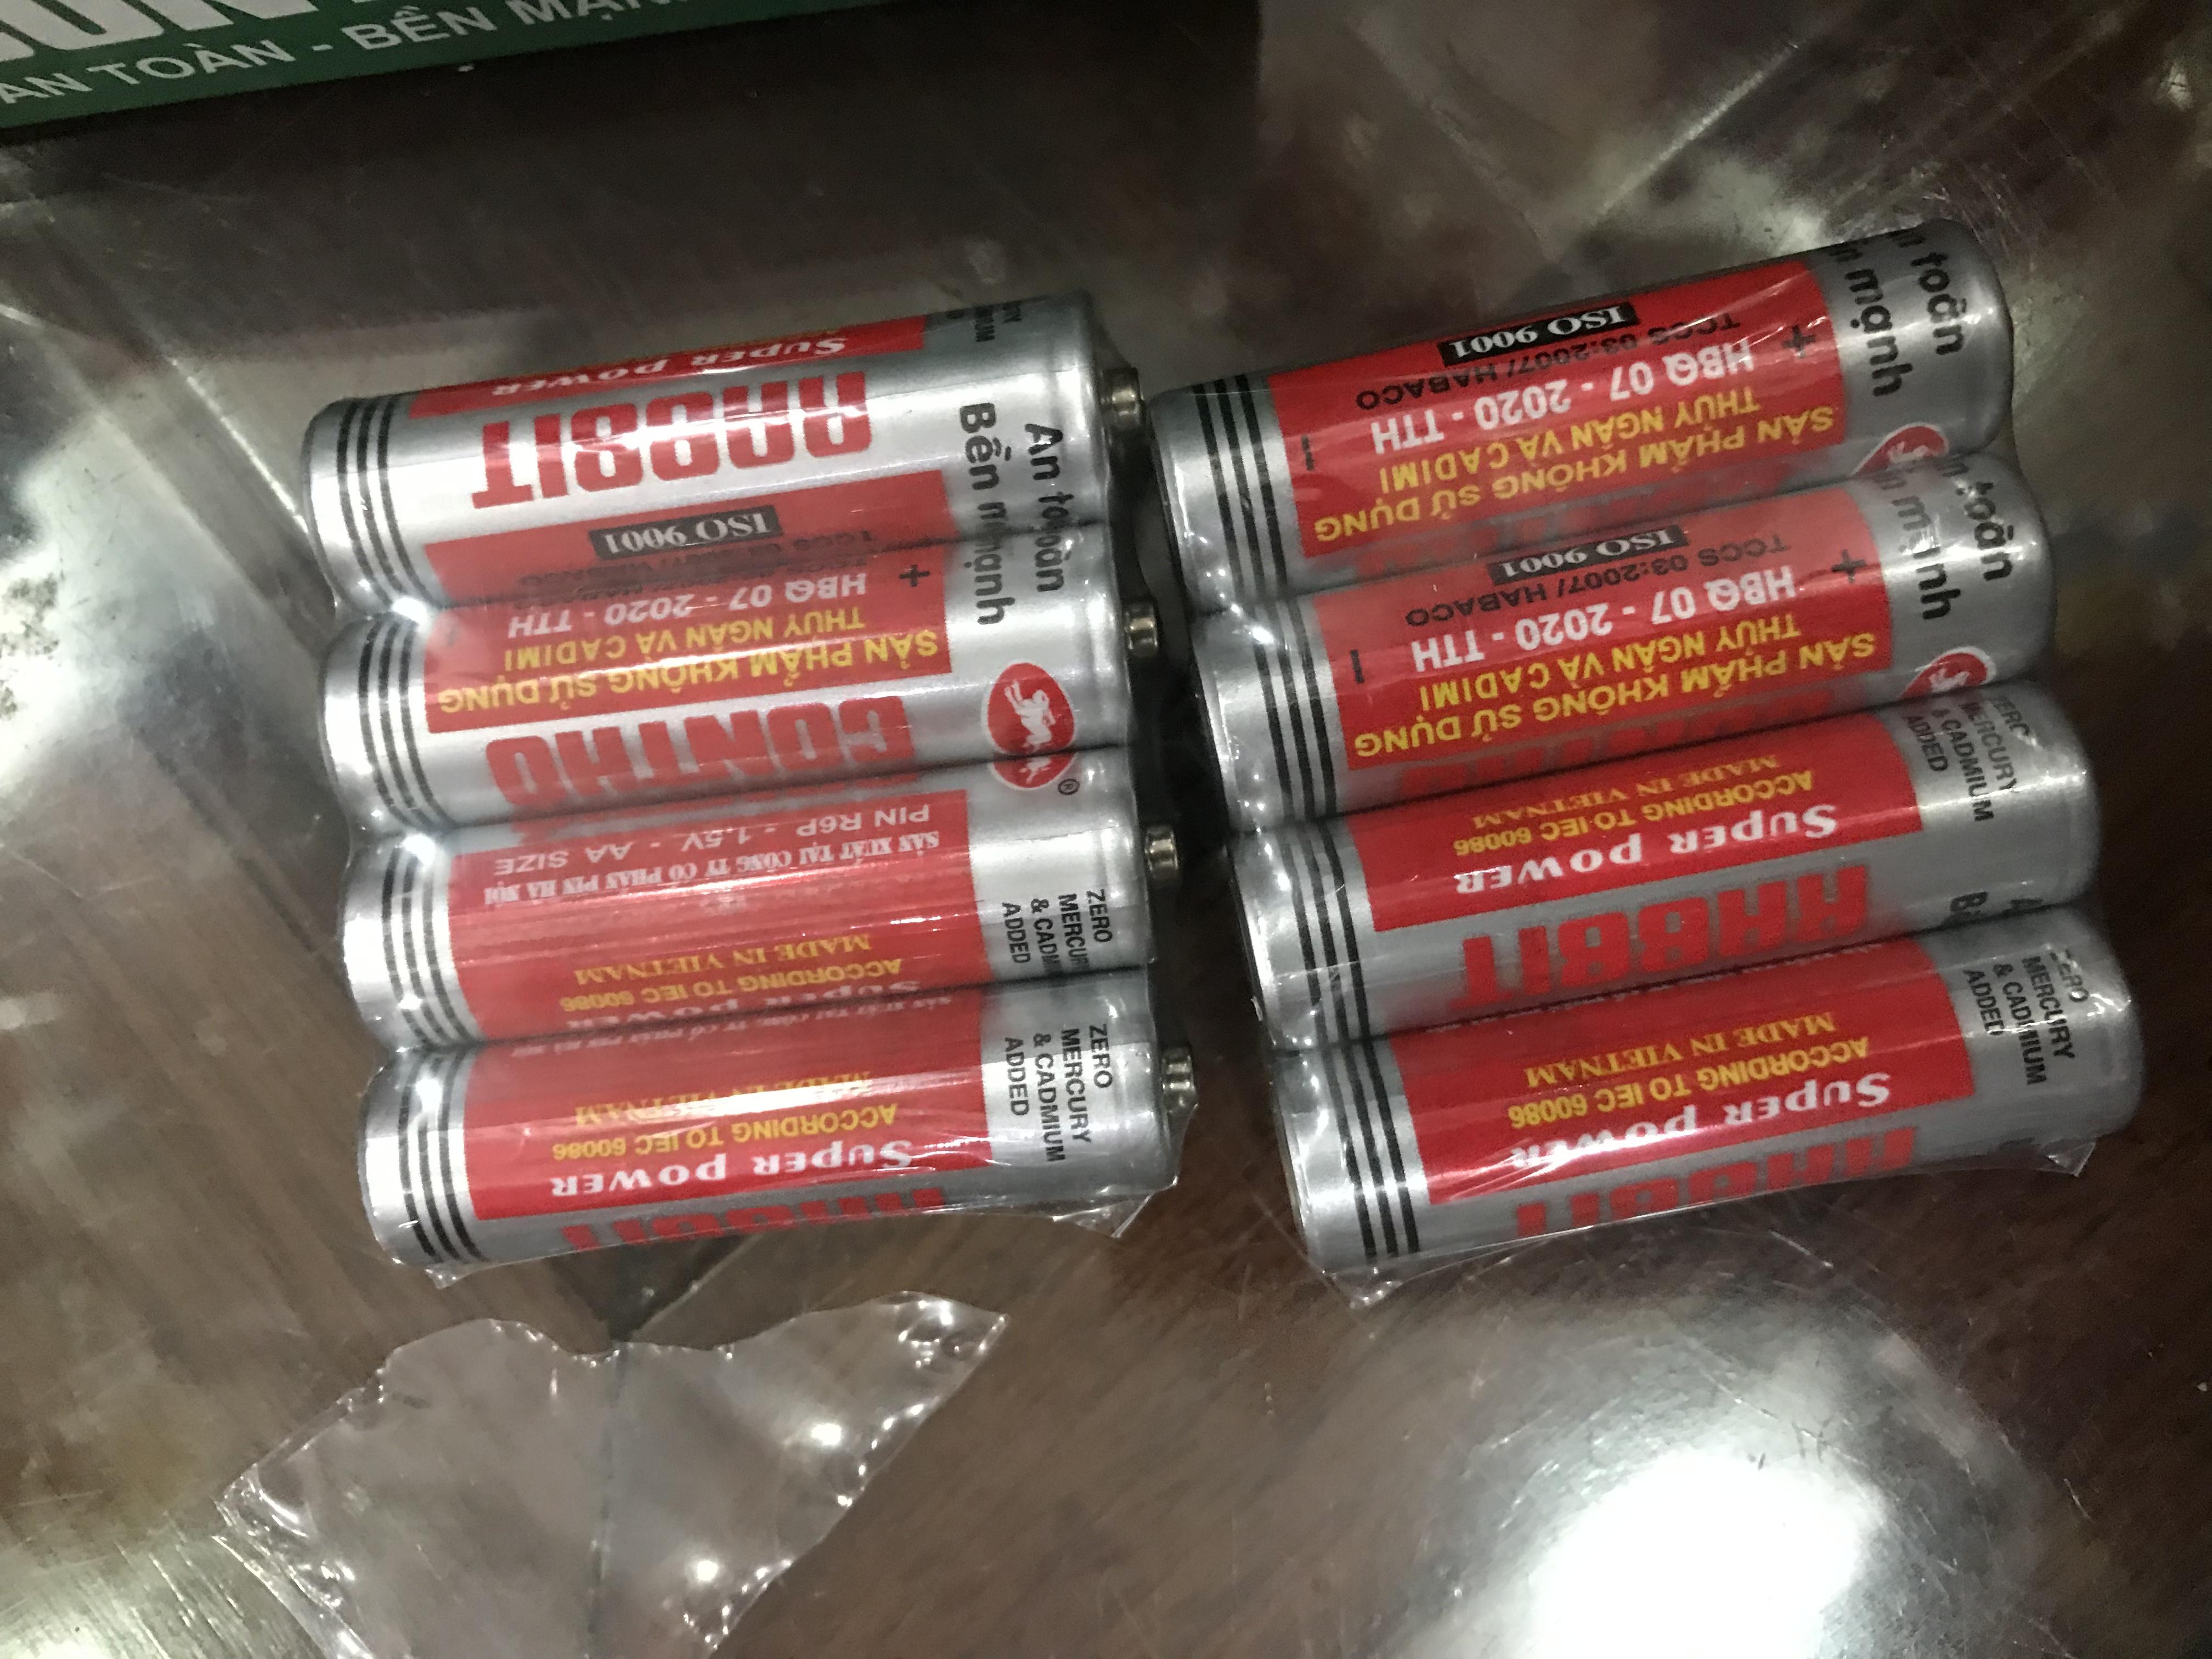 Bìa trộn A4 5 màu có đủ các loại zalo 0912.677.982 ; Ghim bấm Plus , đạn ghim có đủ các loại zalo 0912.677.982 ; Ghim cài chữ A (C62) , ghim cài Plus có đủ các loại zalo 0912677982 ; Hộp đựng bút đa năng có đủ các loại zalo 0912.677.982 ; Giấy than A4 có đủ các loại zalo 0912.677.982 ; Pin con thỏ có đủ các loại zalo 0912677982